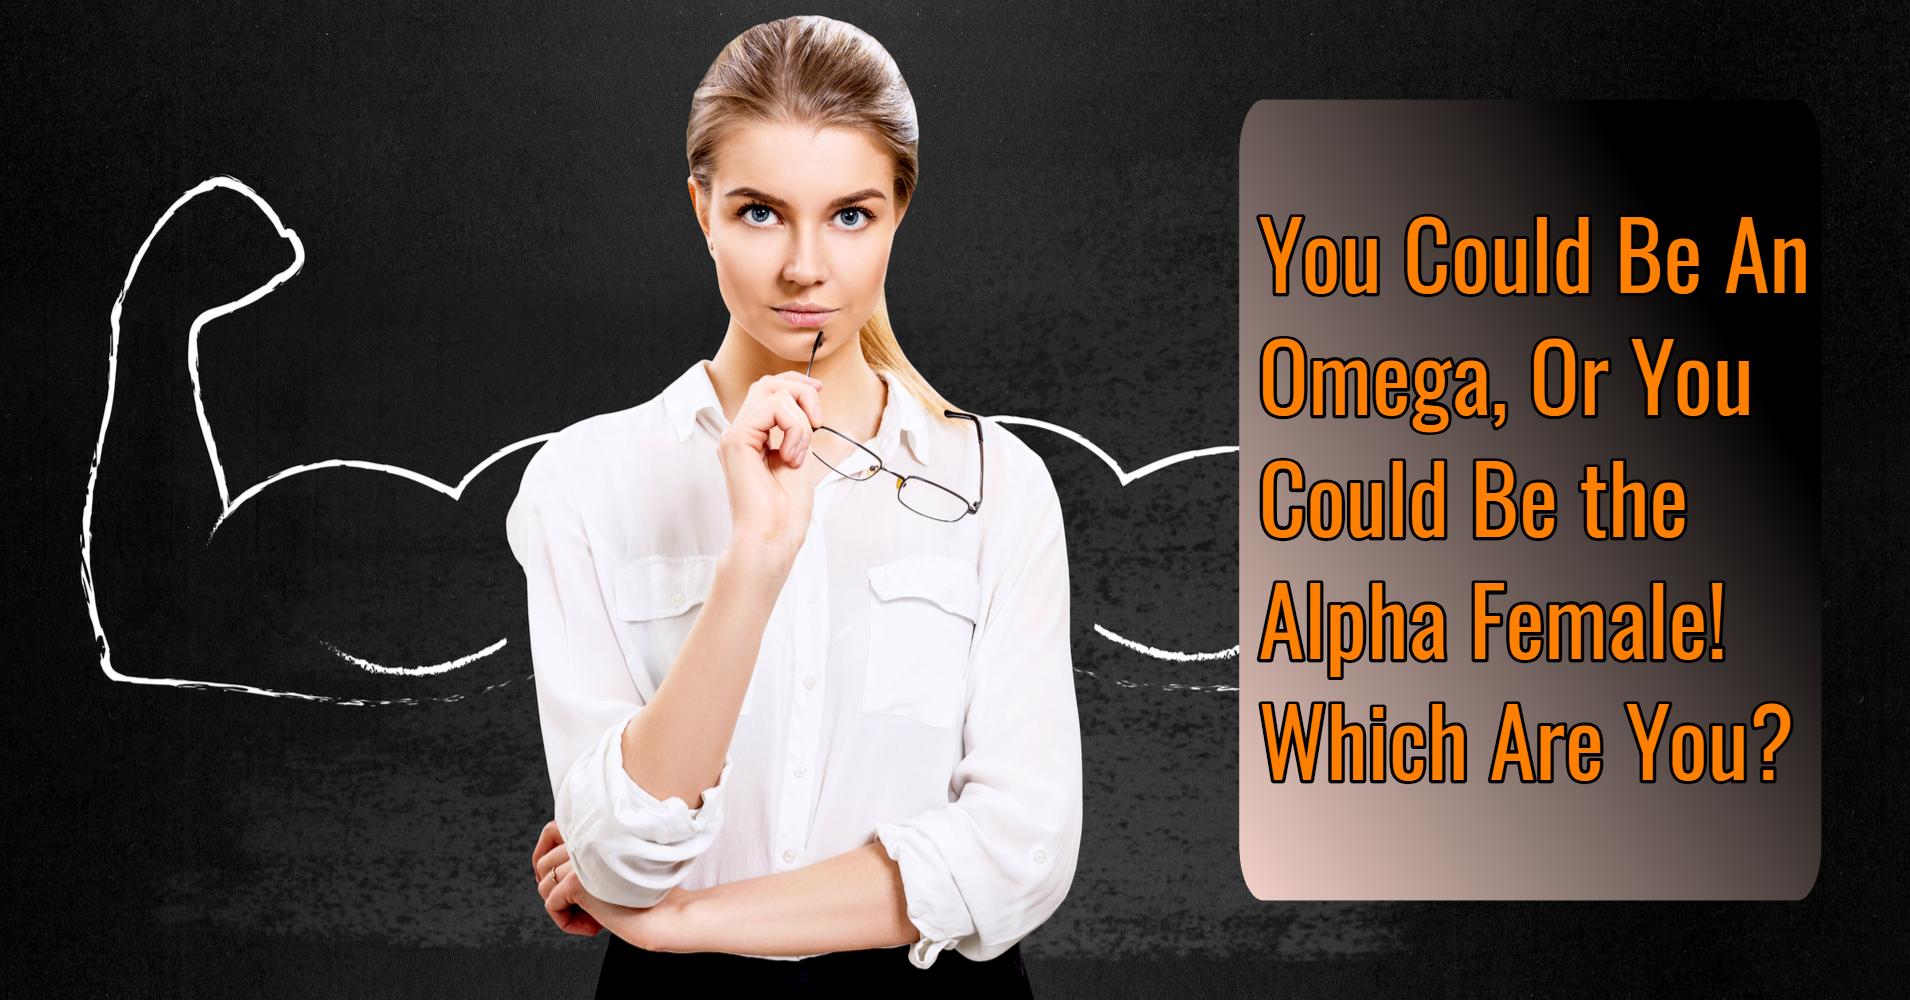 Are You An Alpha Female? - Quiz - Quizony com